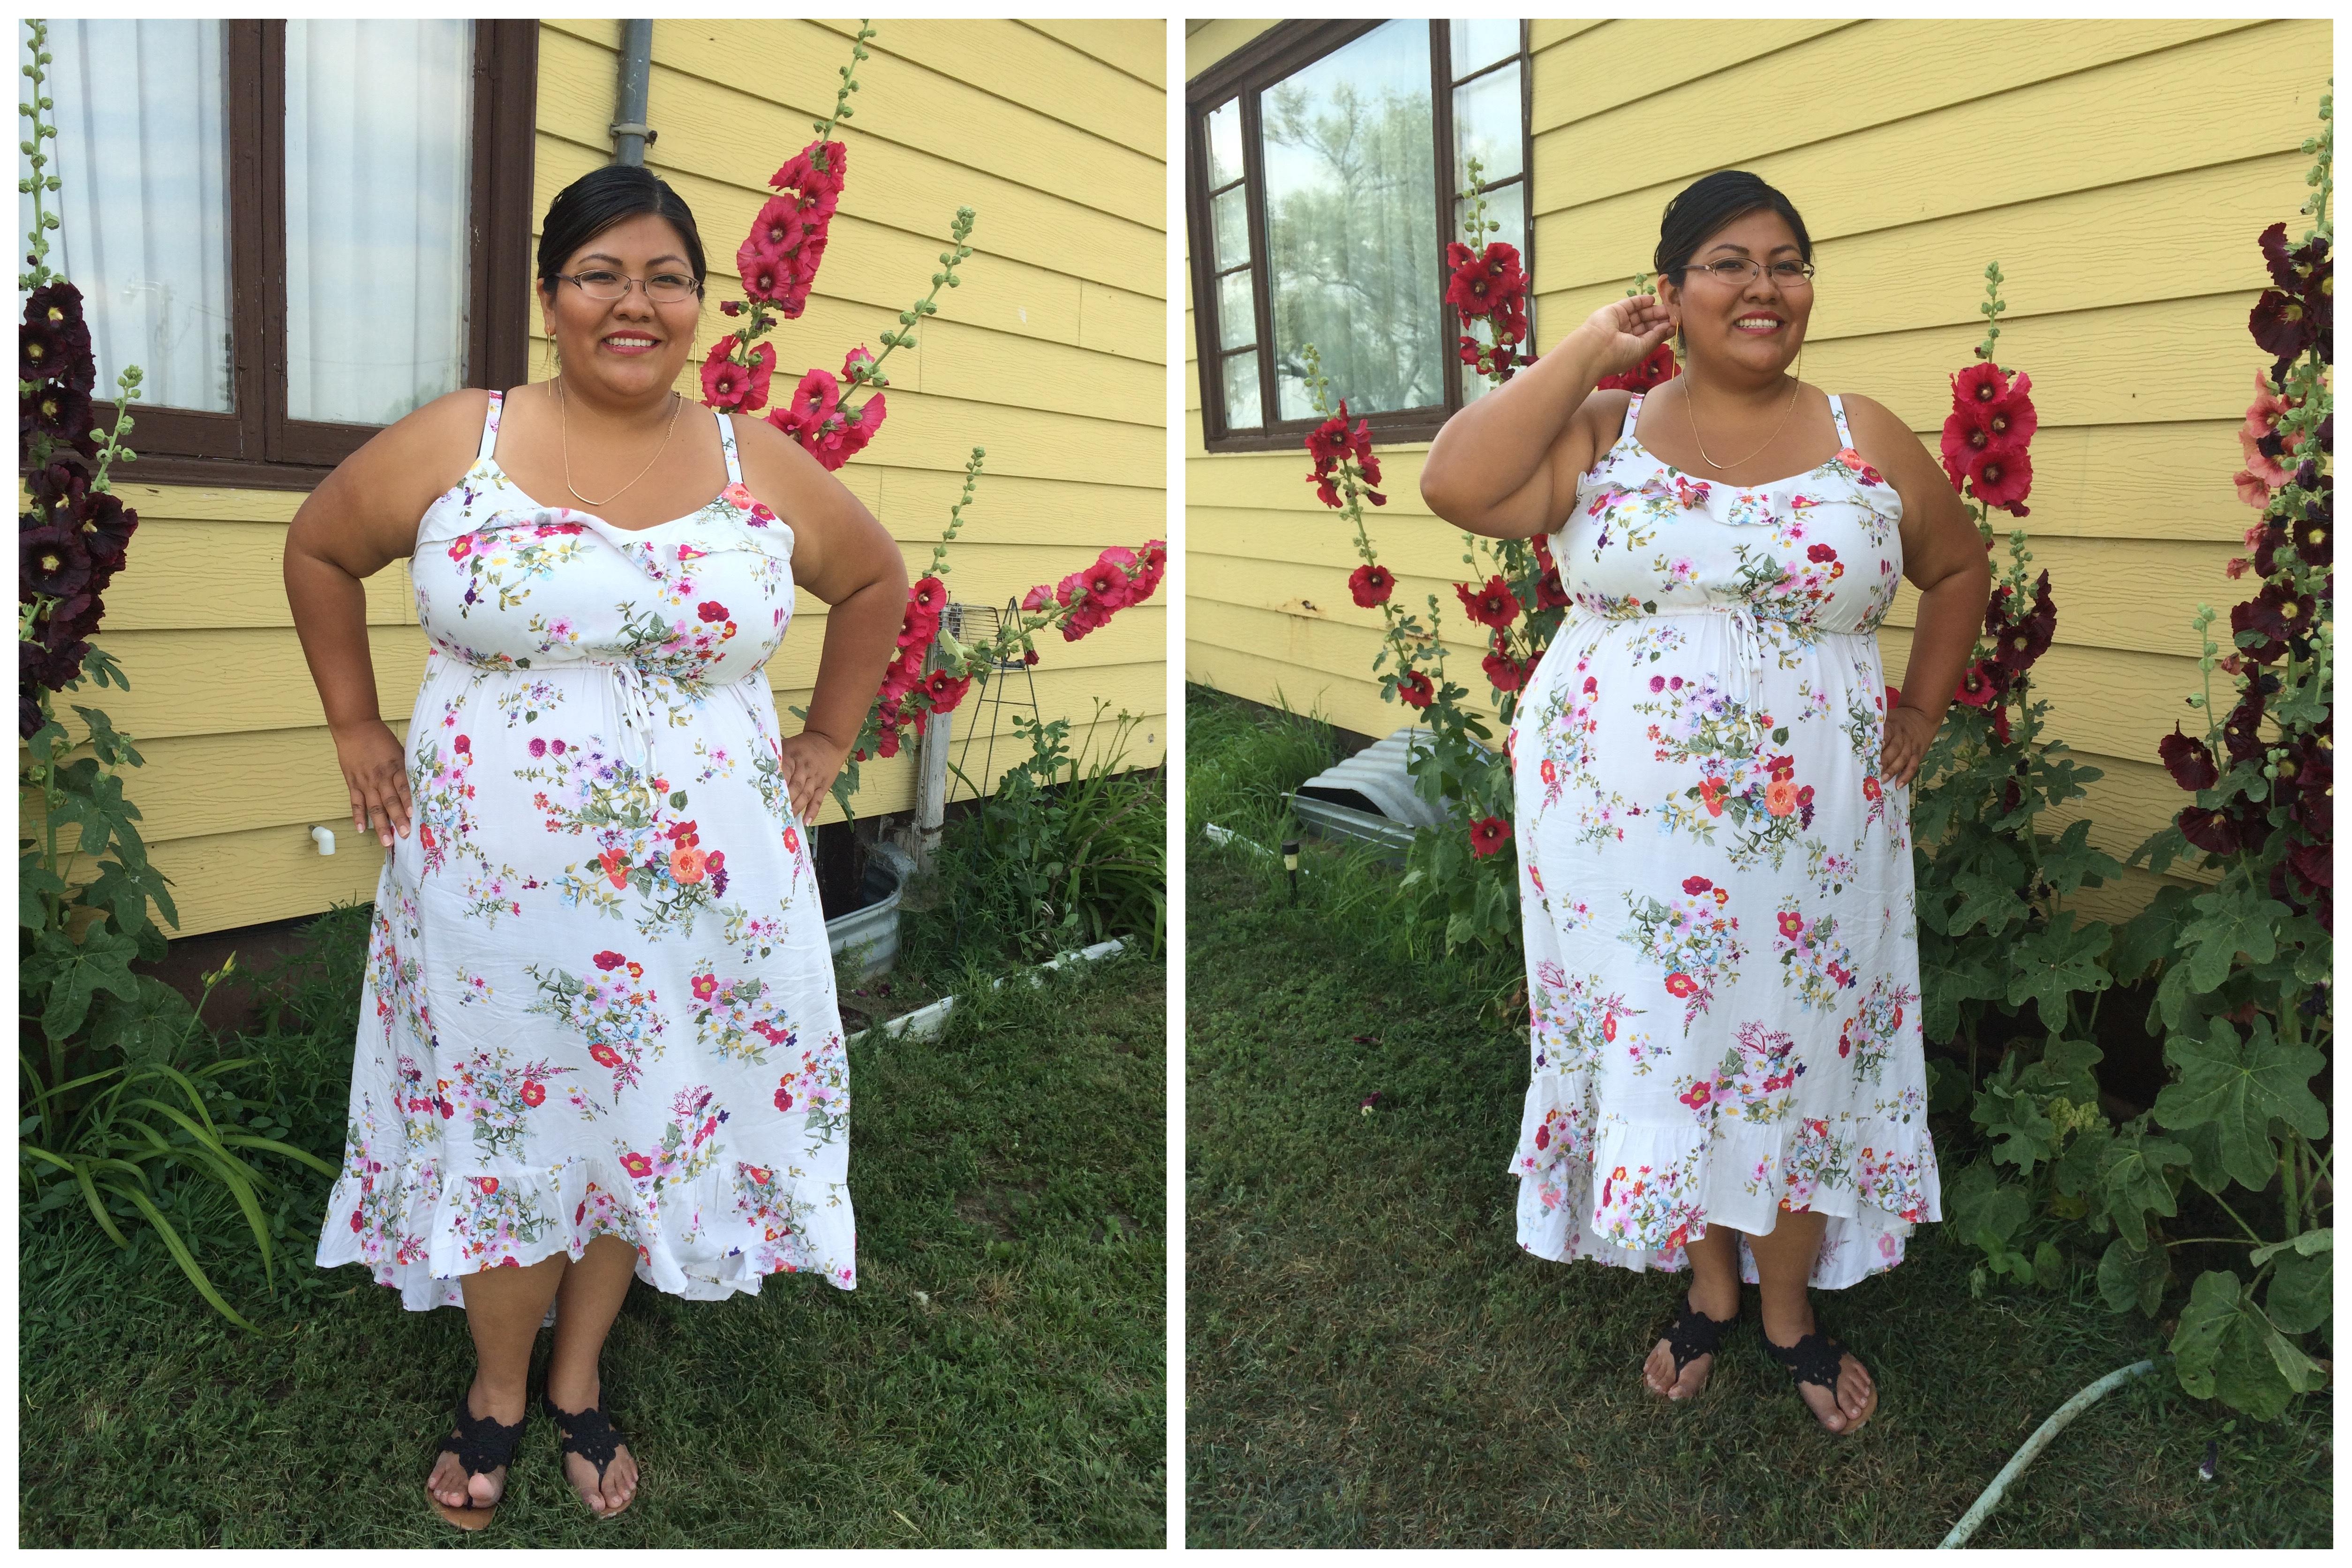 cbb1c994723 5 Summer Dresses To Chill In - Redstreak Girl